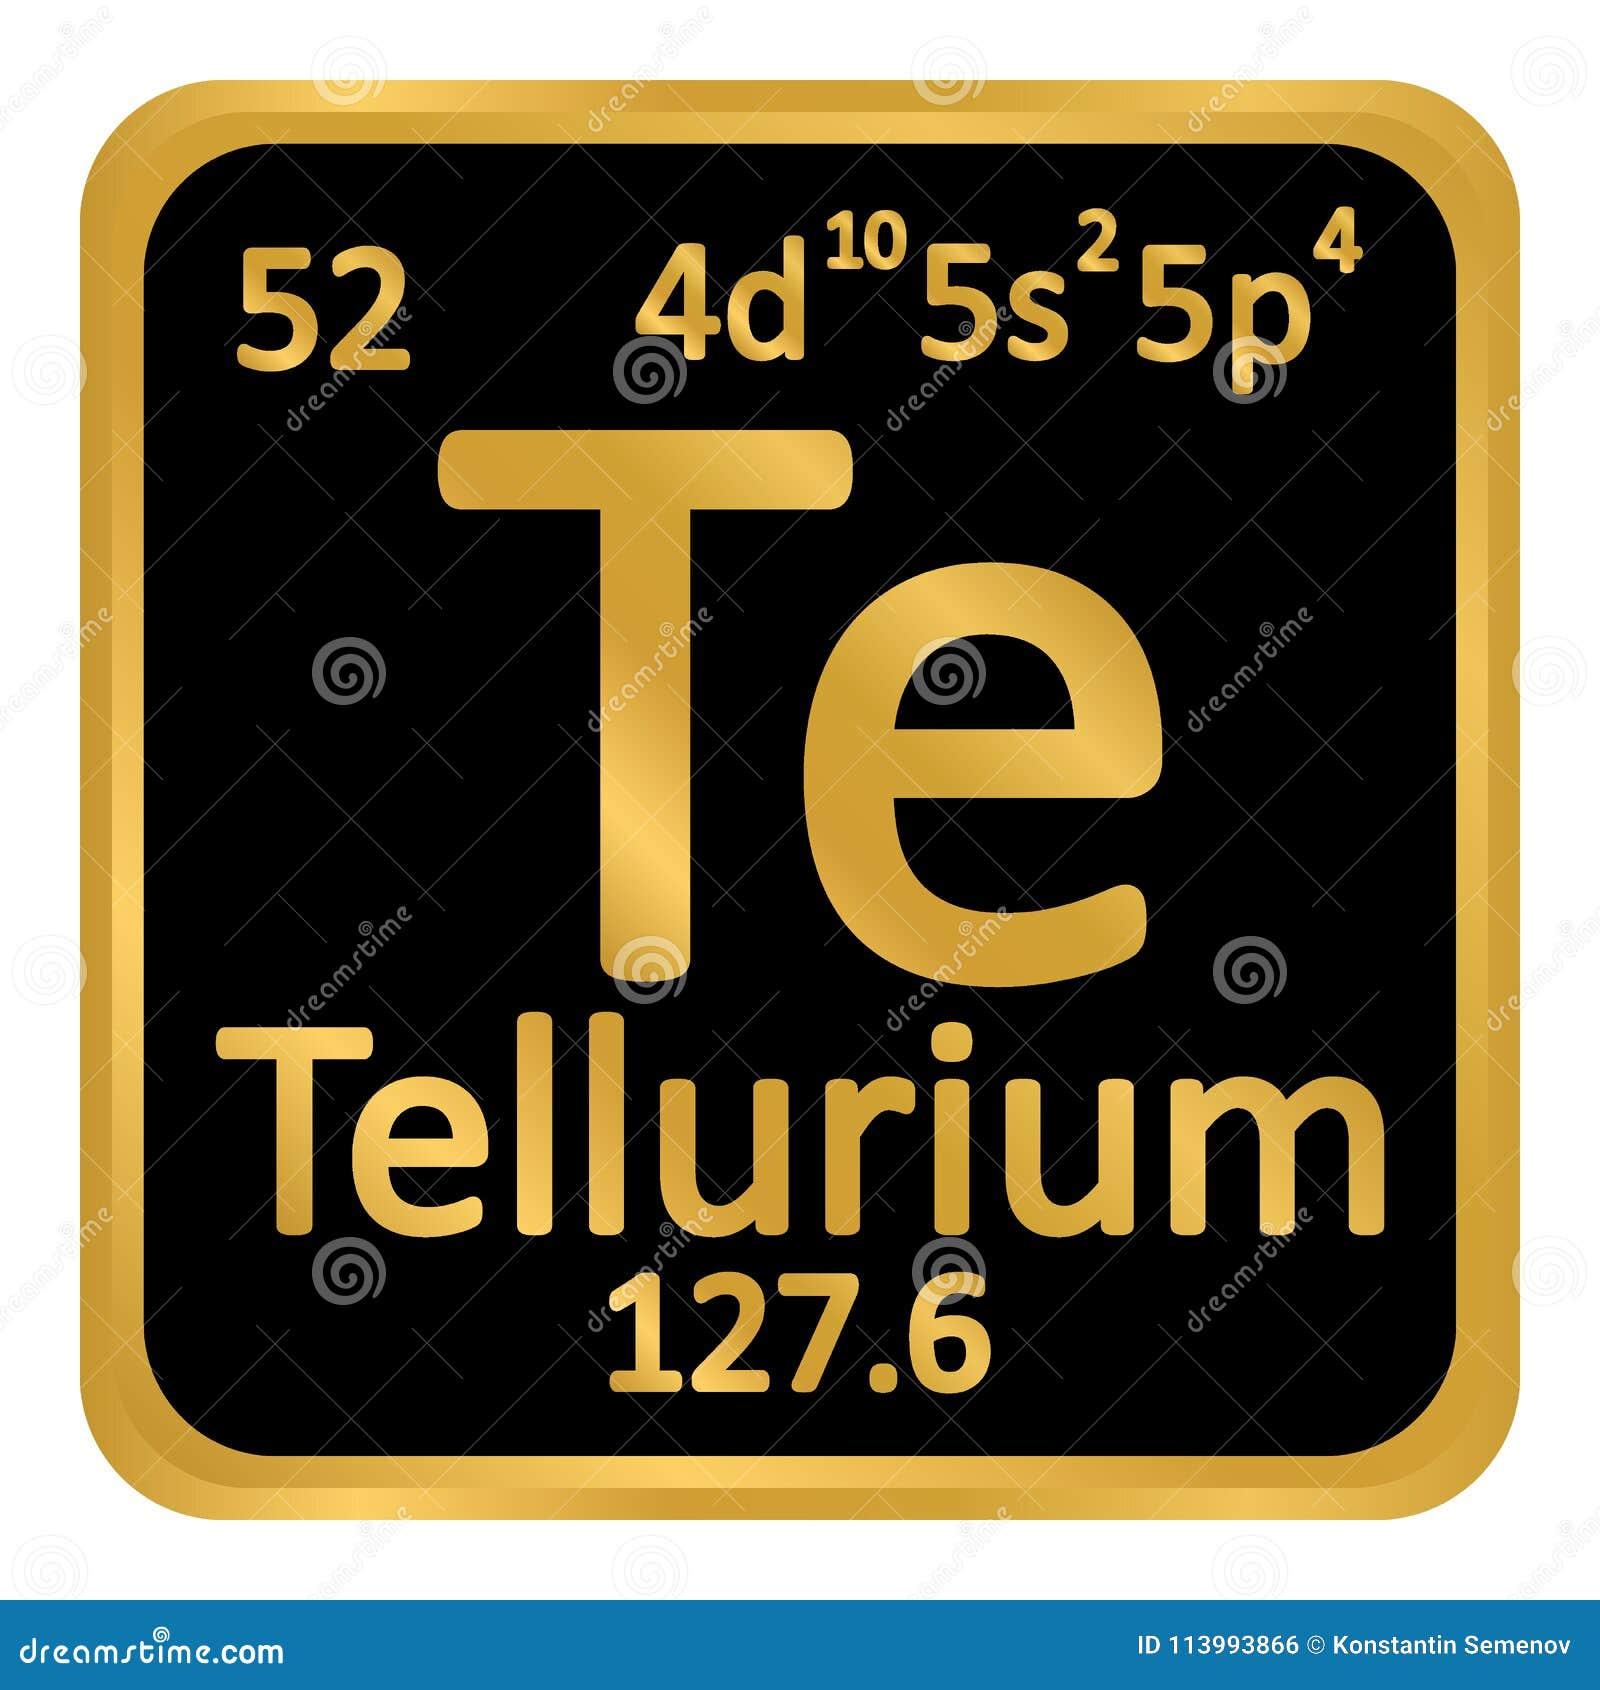 Periodic Table Element Tellurium Icon Stock Illustration